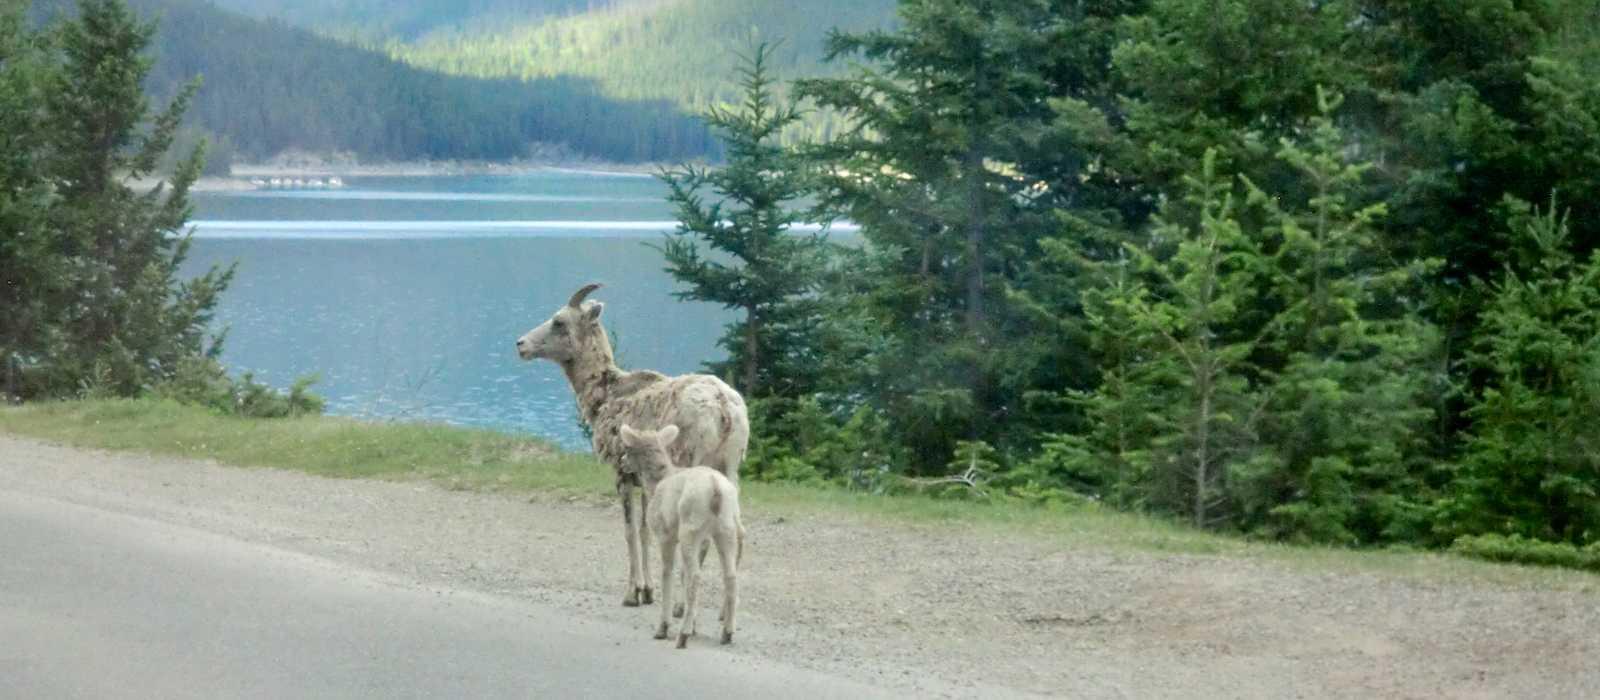 Hirsche am Wegesrand im Banff National Park